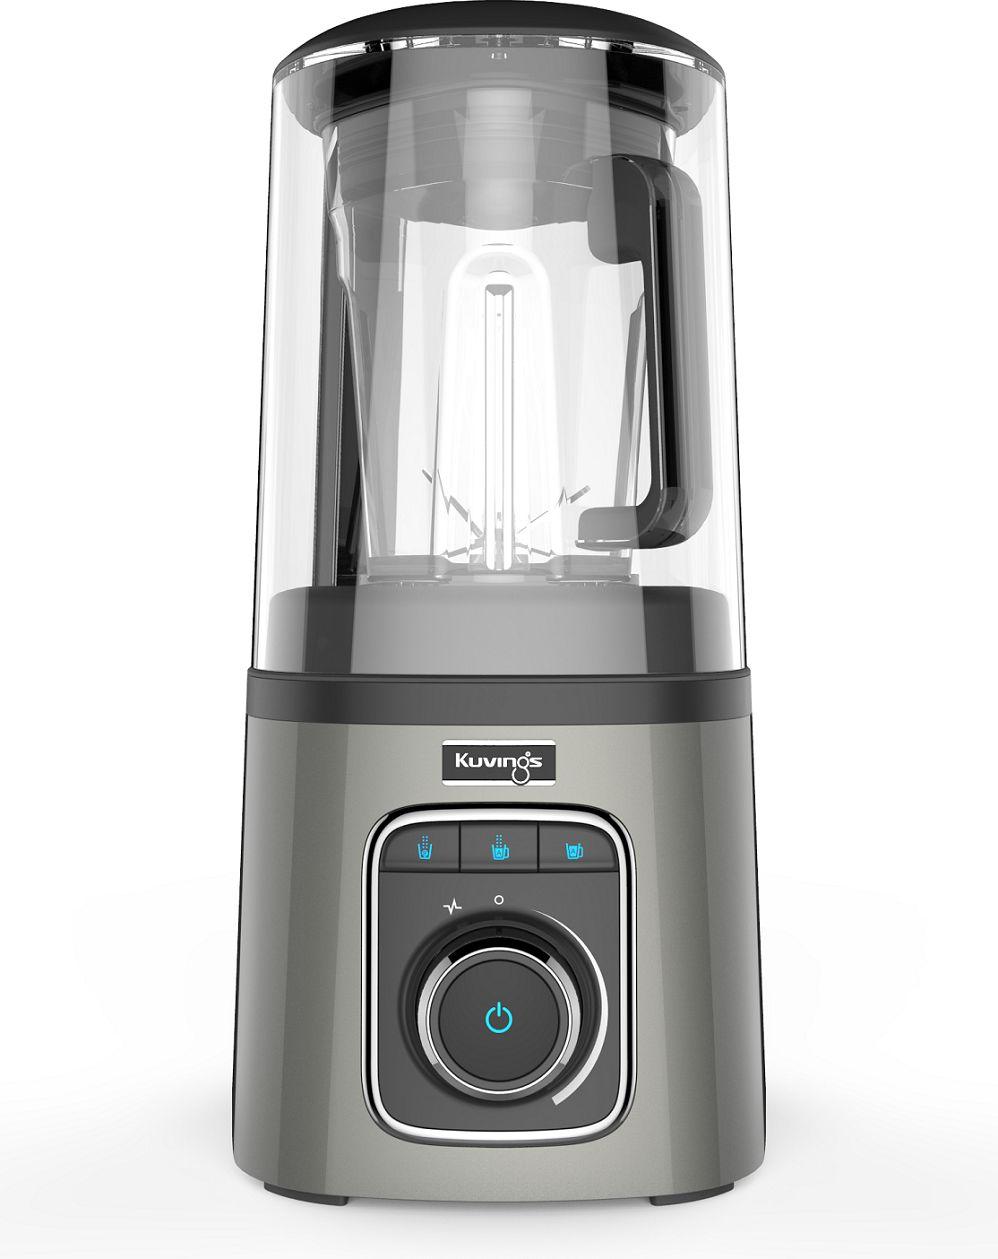 Blender próżniowy Kuvings SV-500 - OFICJALNY DYSTRYBUTOR - 20 RAT 0% - DARMOWA WYSYŁKA 24H